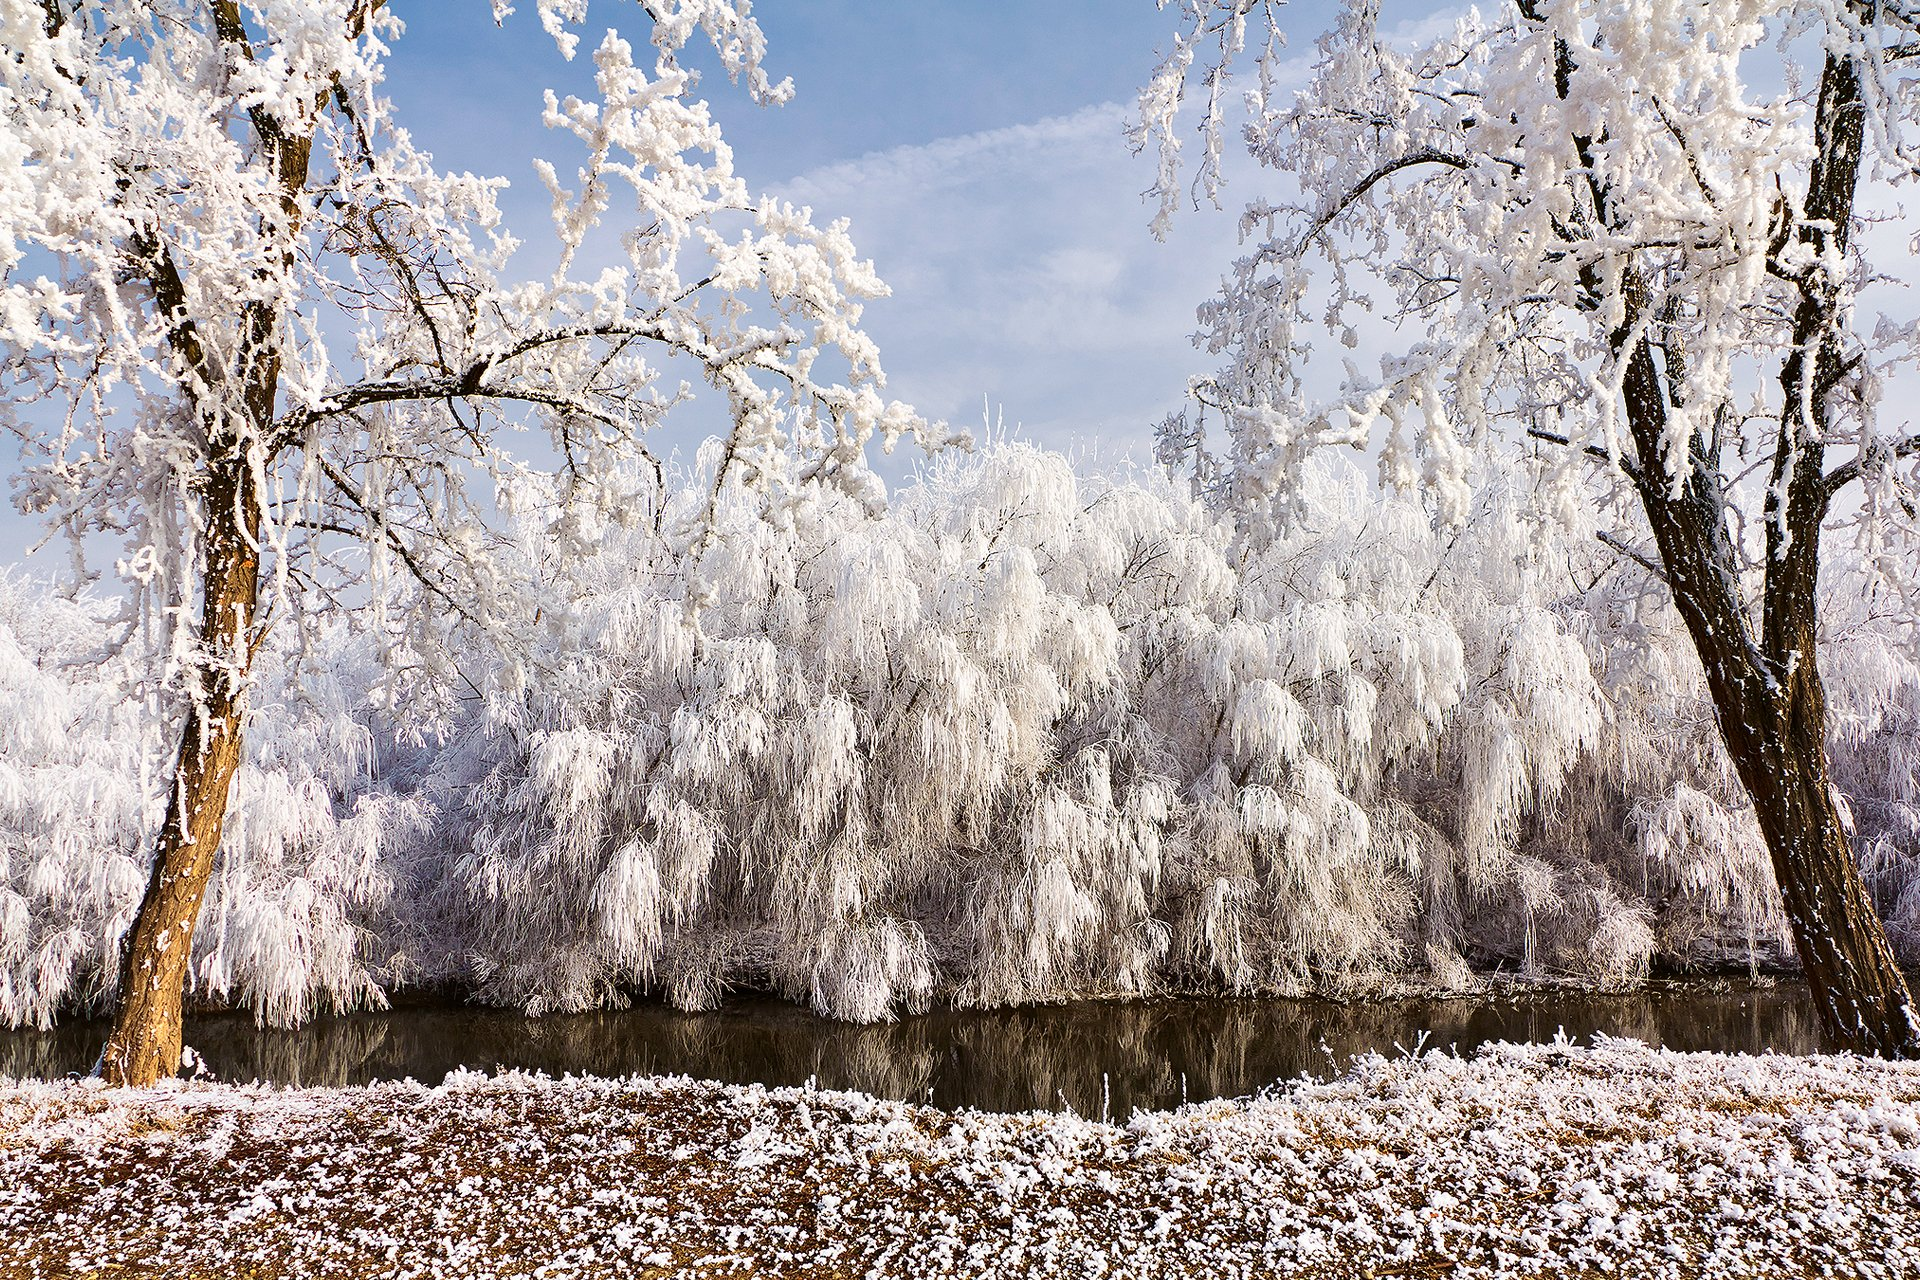 название кубомедуза иней на деревьях фото бокашевский фильмография, биография